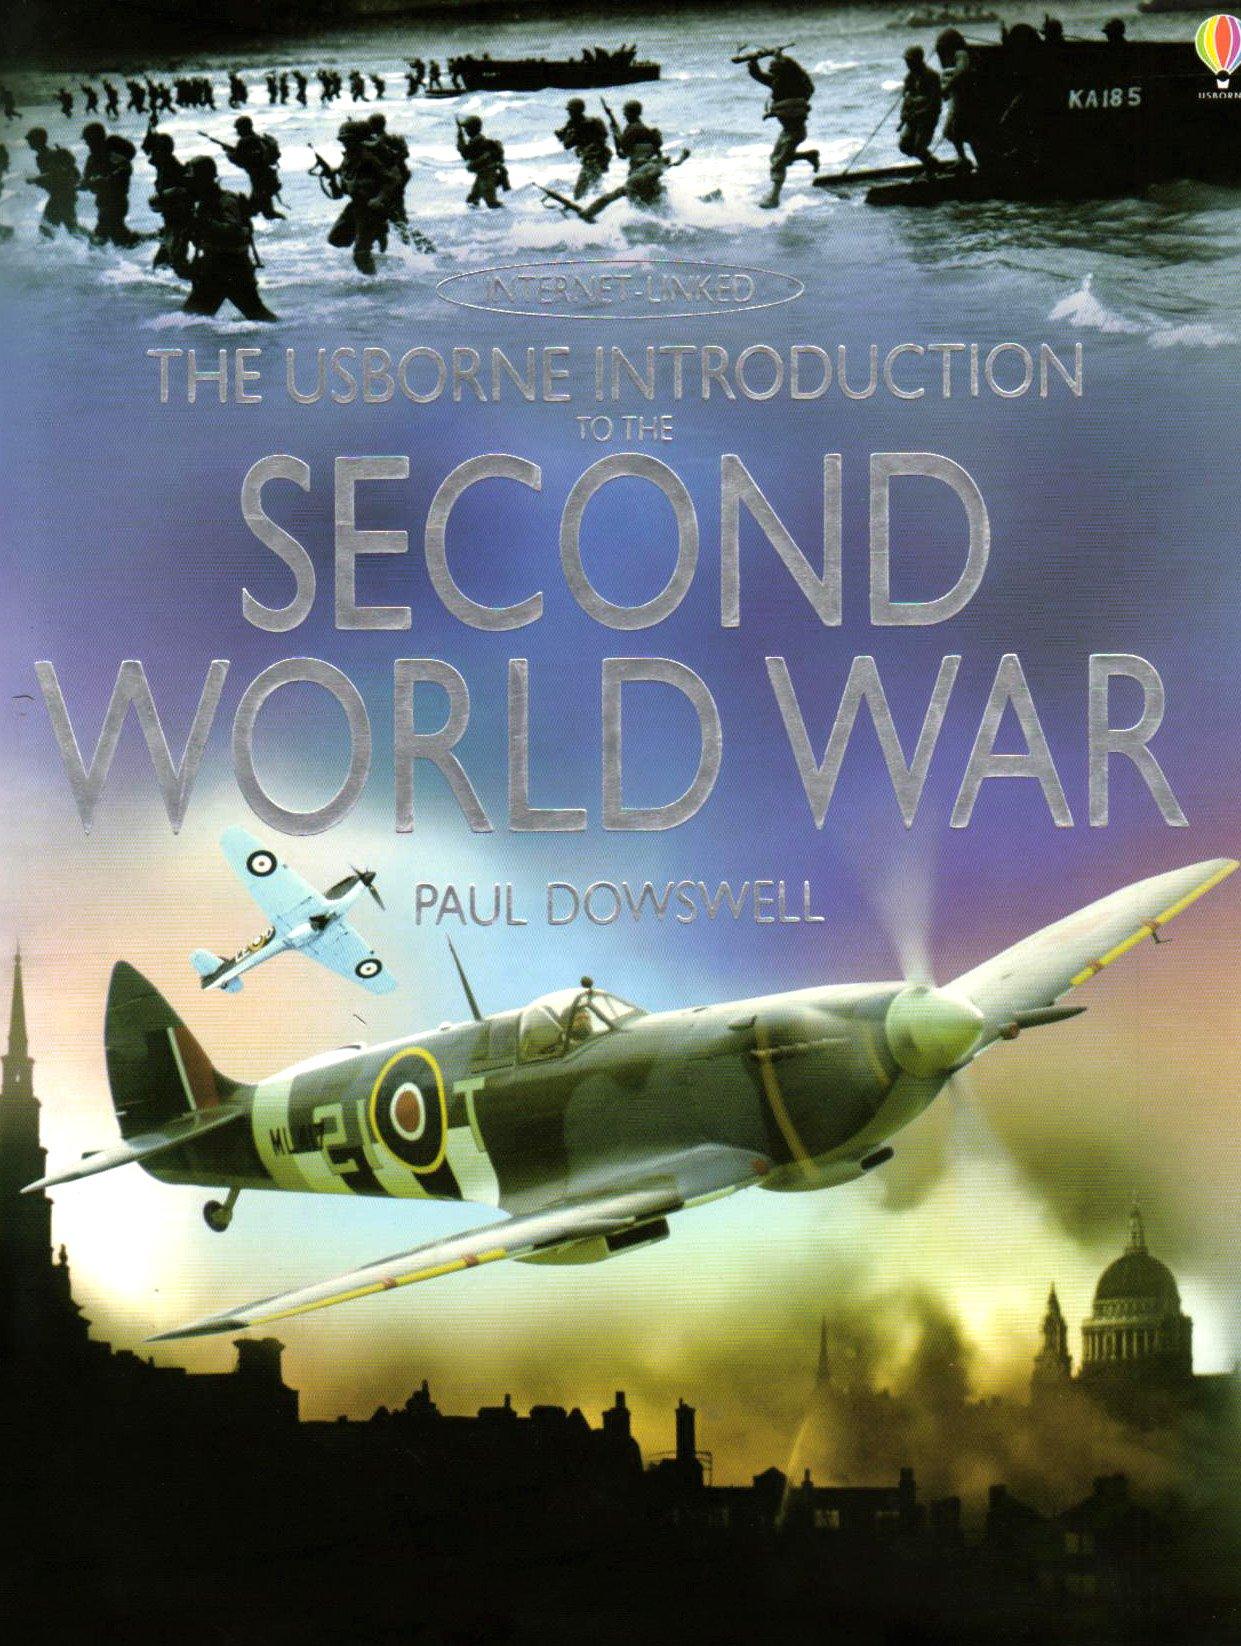 Second World War ebook